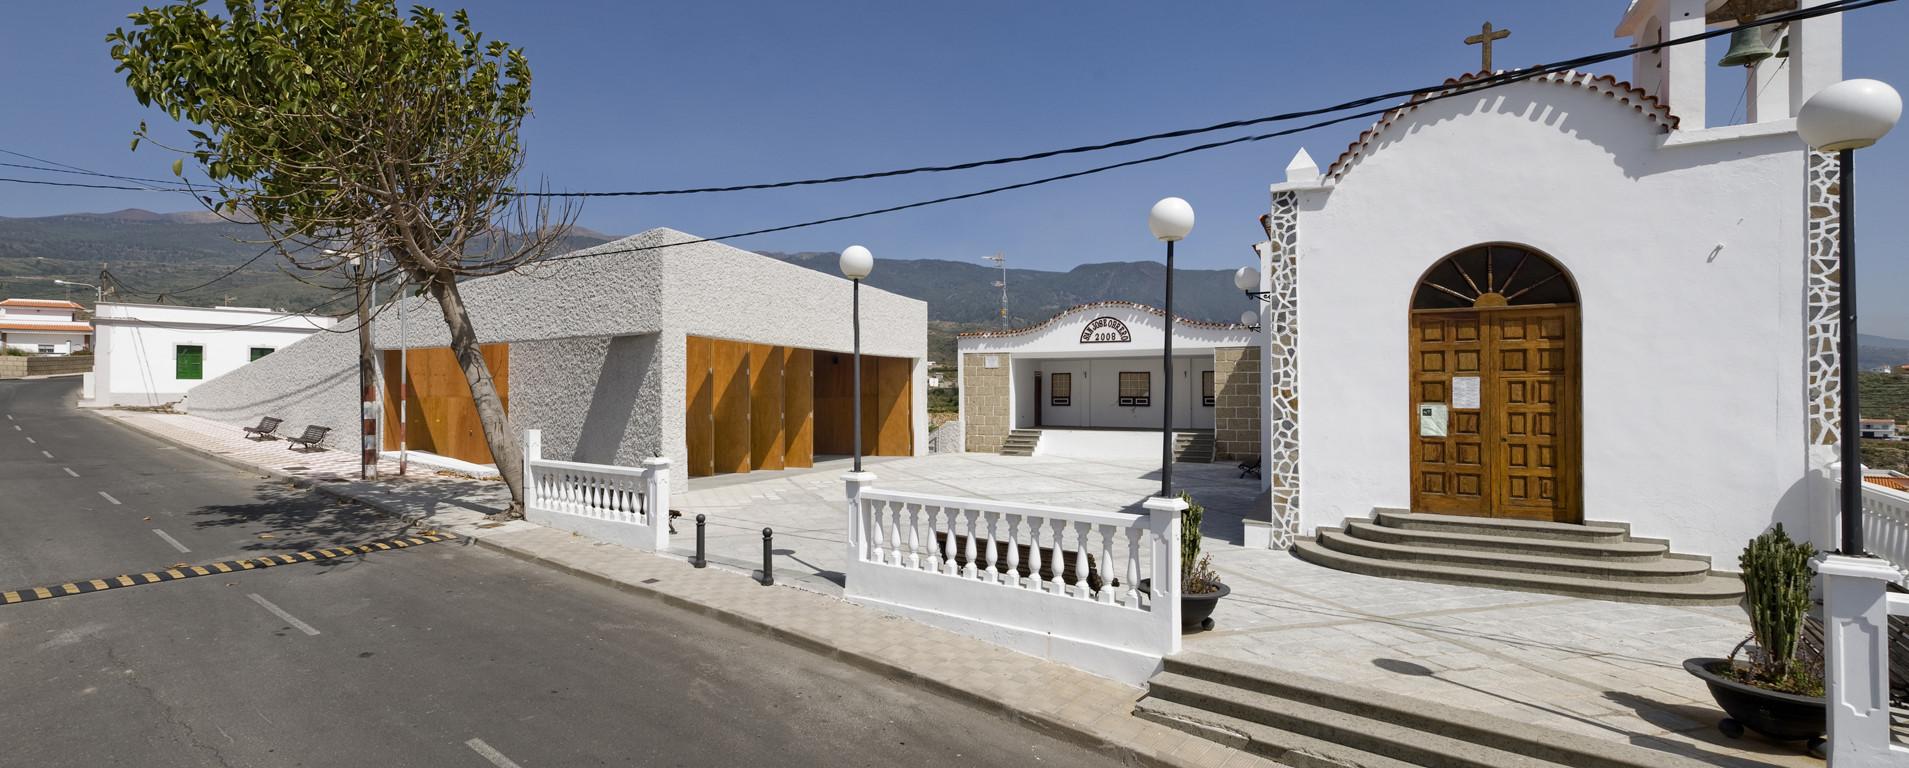 Centro Comunitario La Cisnera / gpy arquitectos, © Joaquín Ponce de León